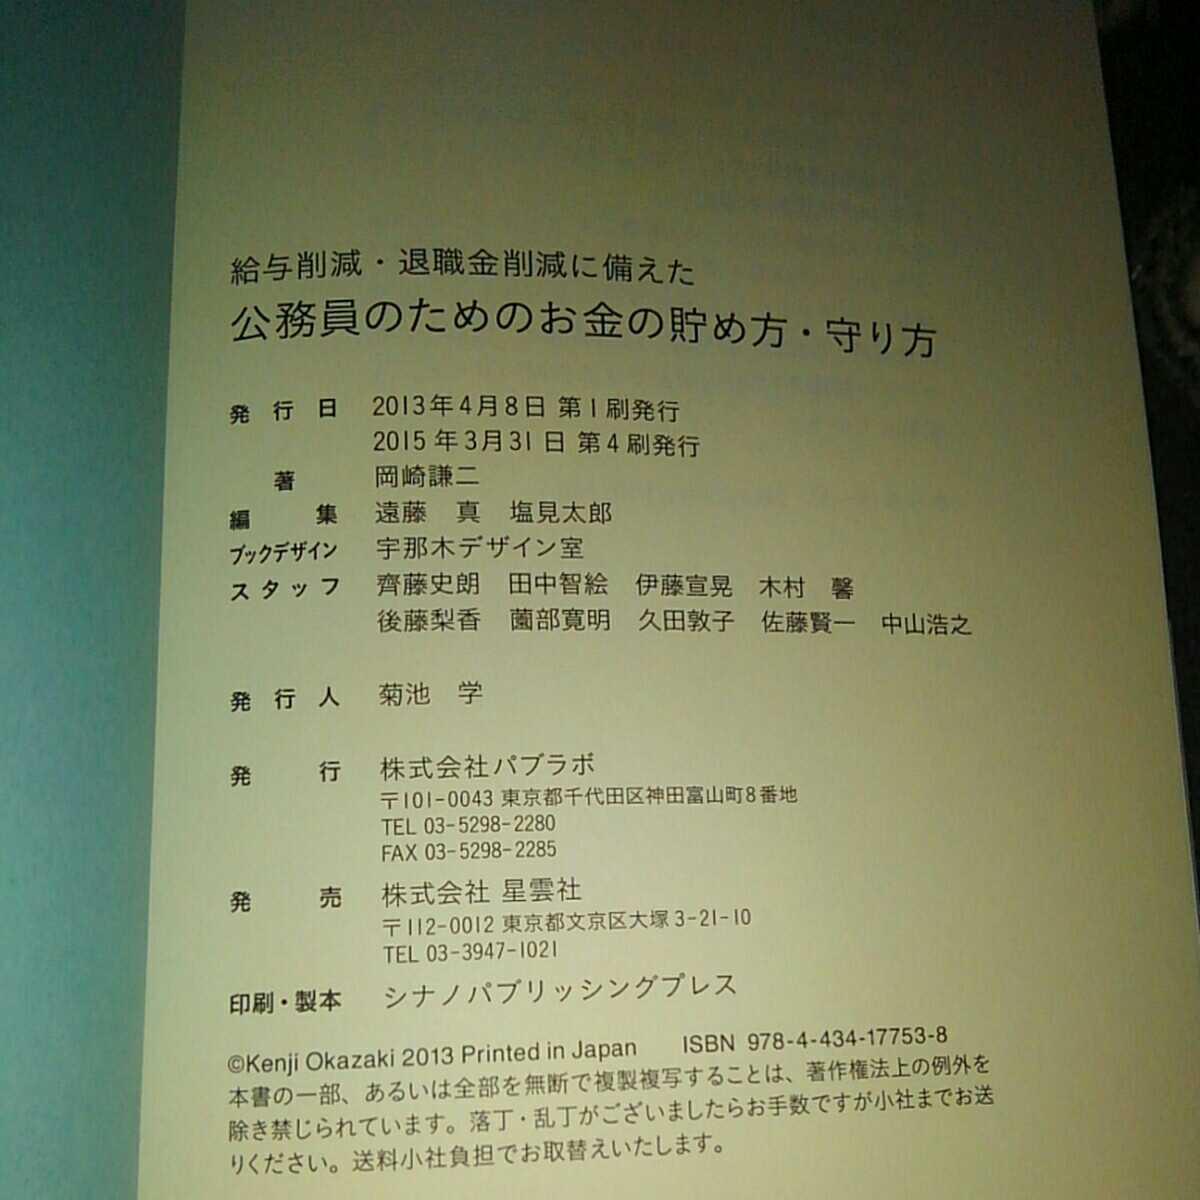 給与 削減 公務員 日本の公務員は国際スタンダードなのか